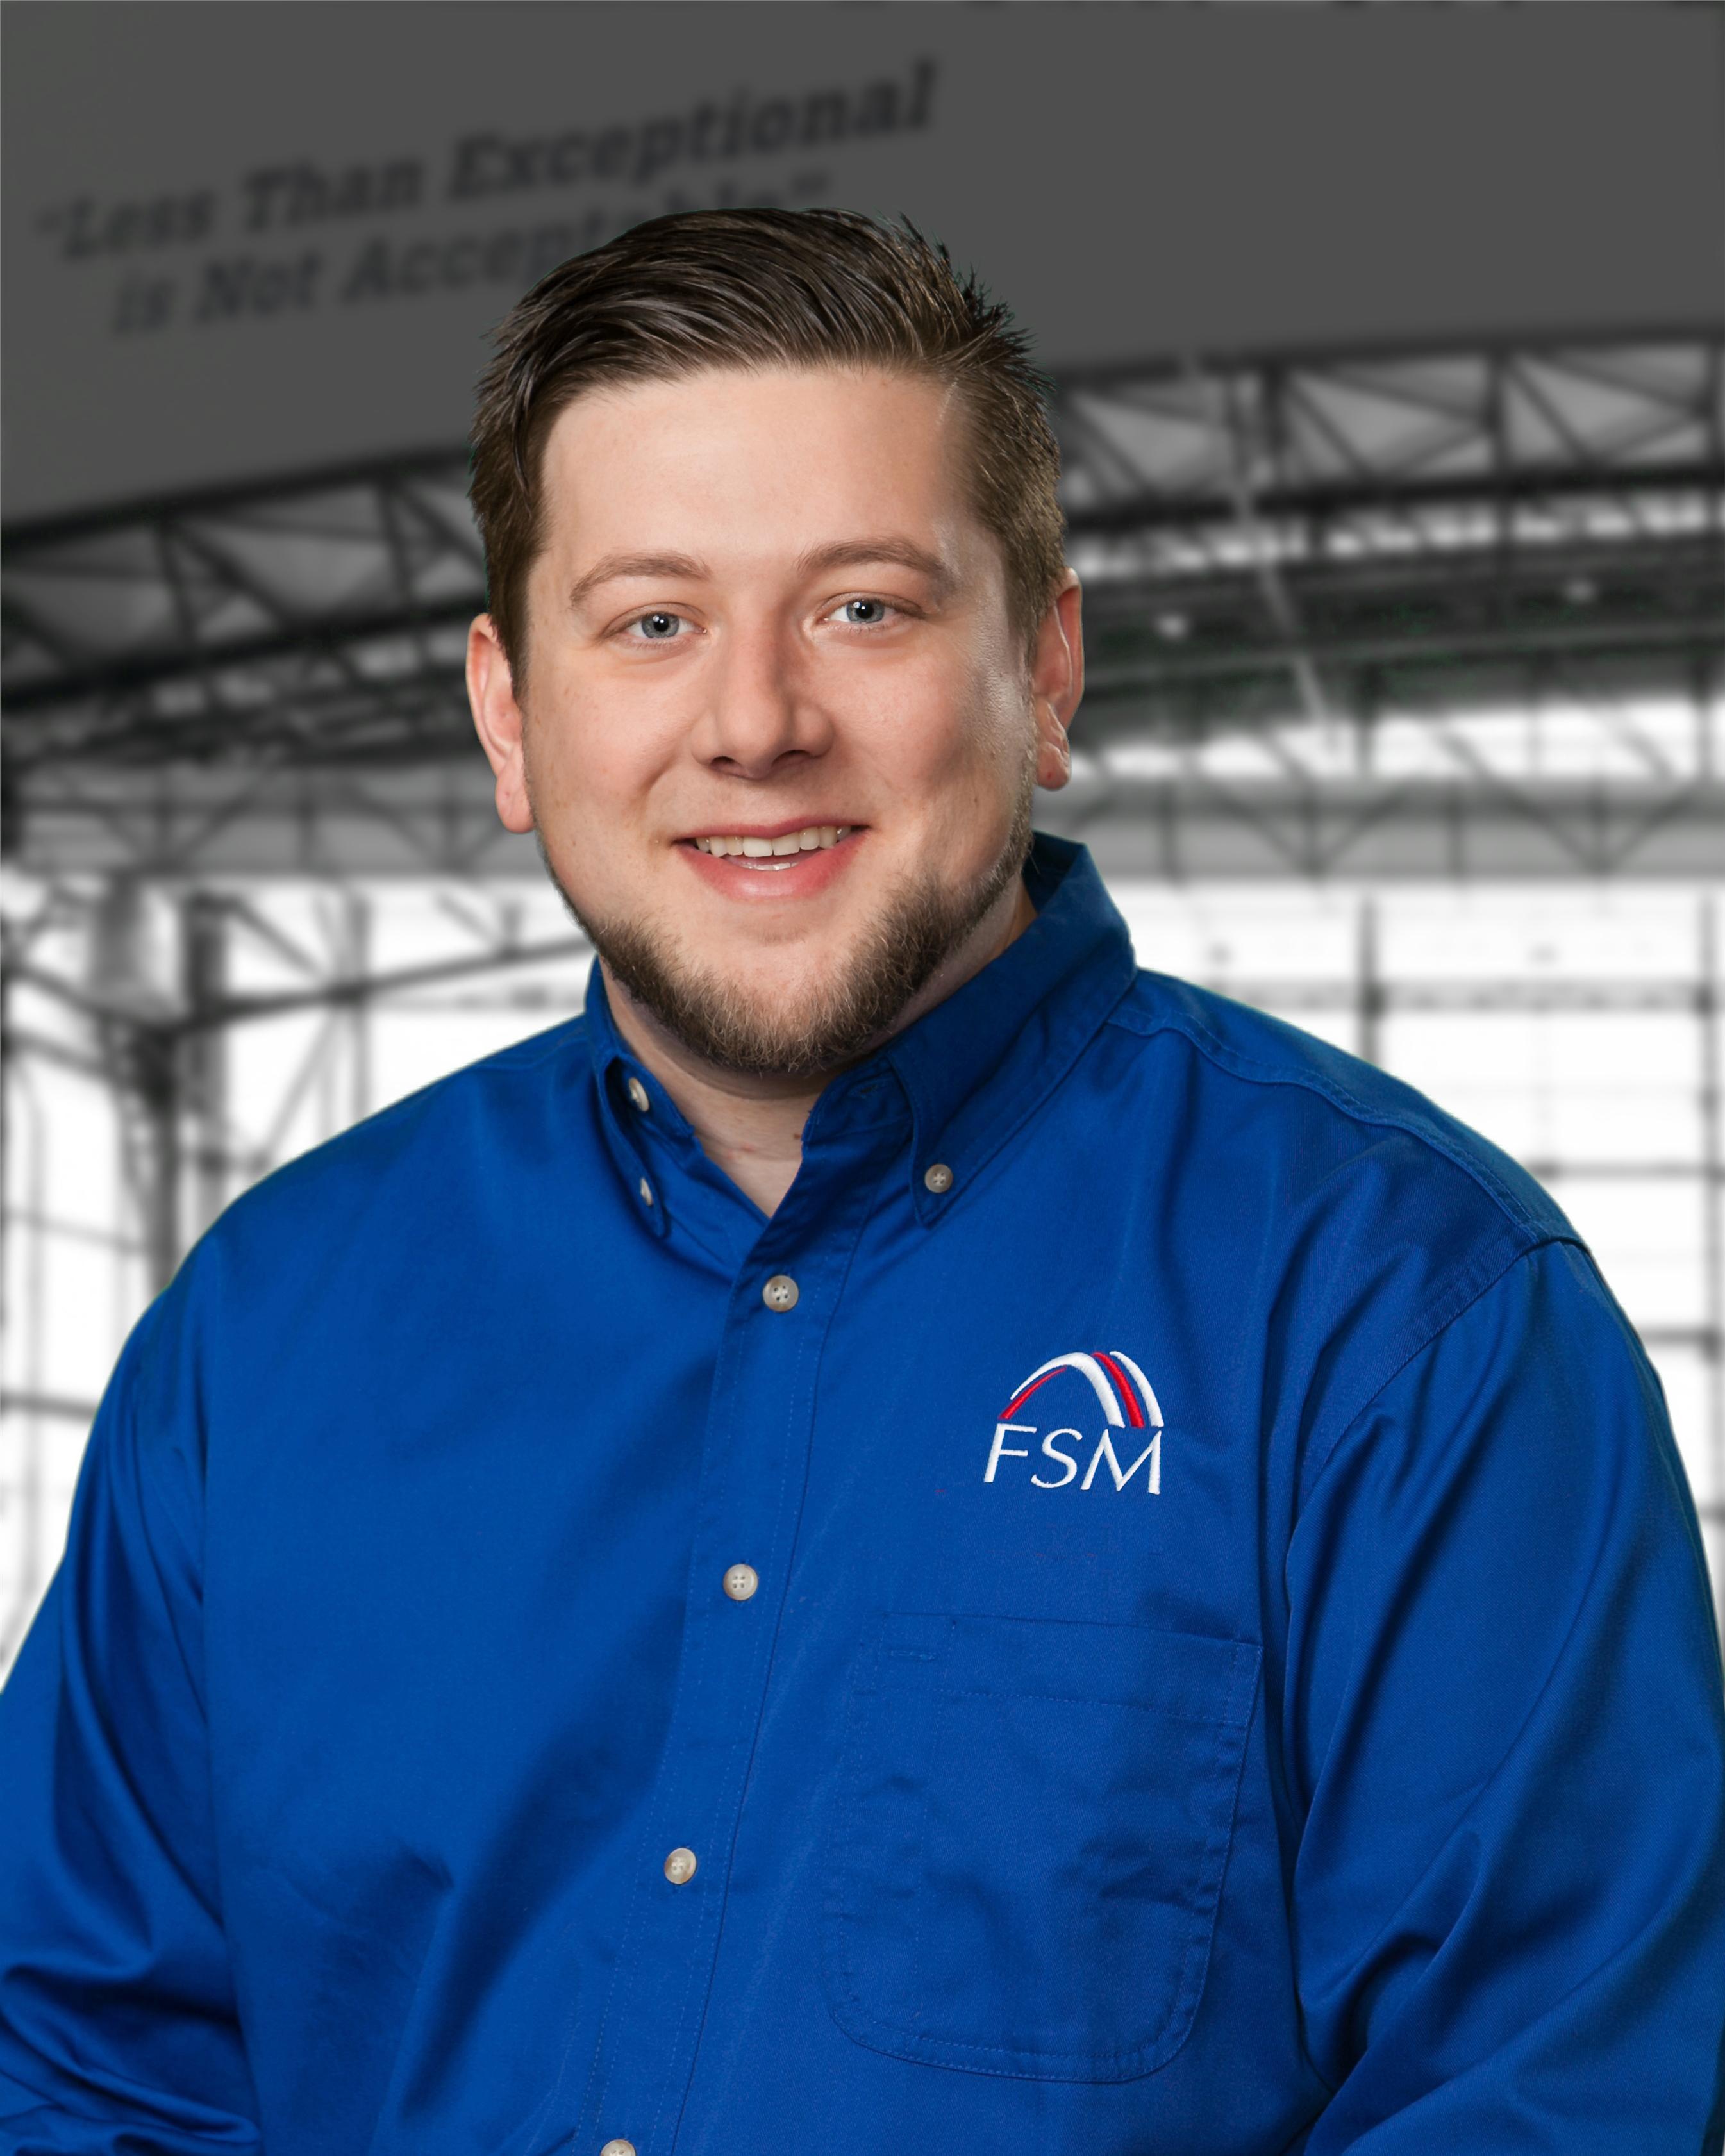 FSM Joseph Ezell Inspections Support